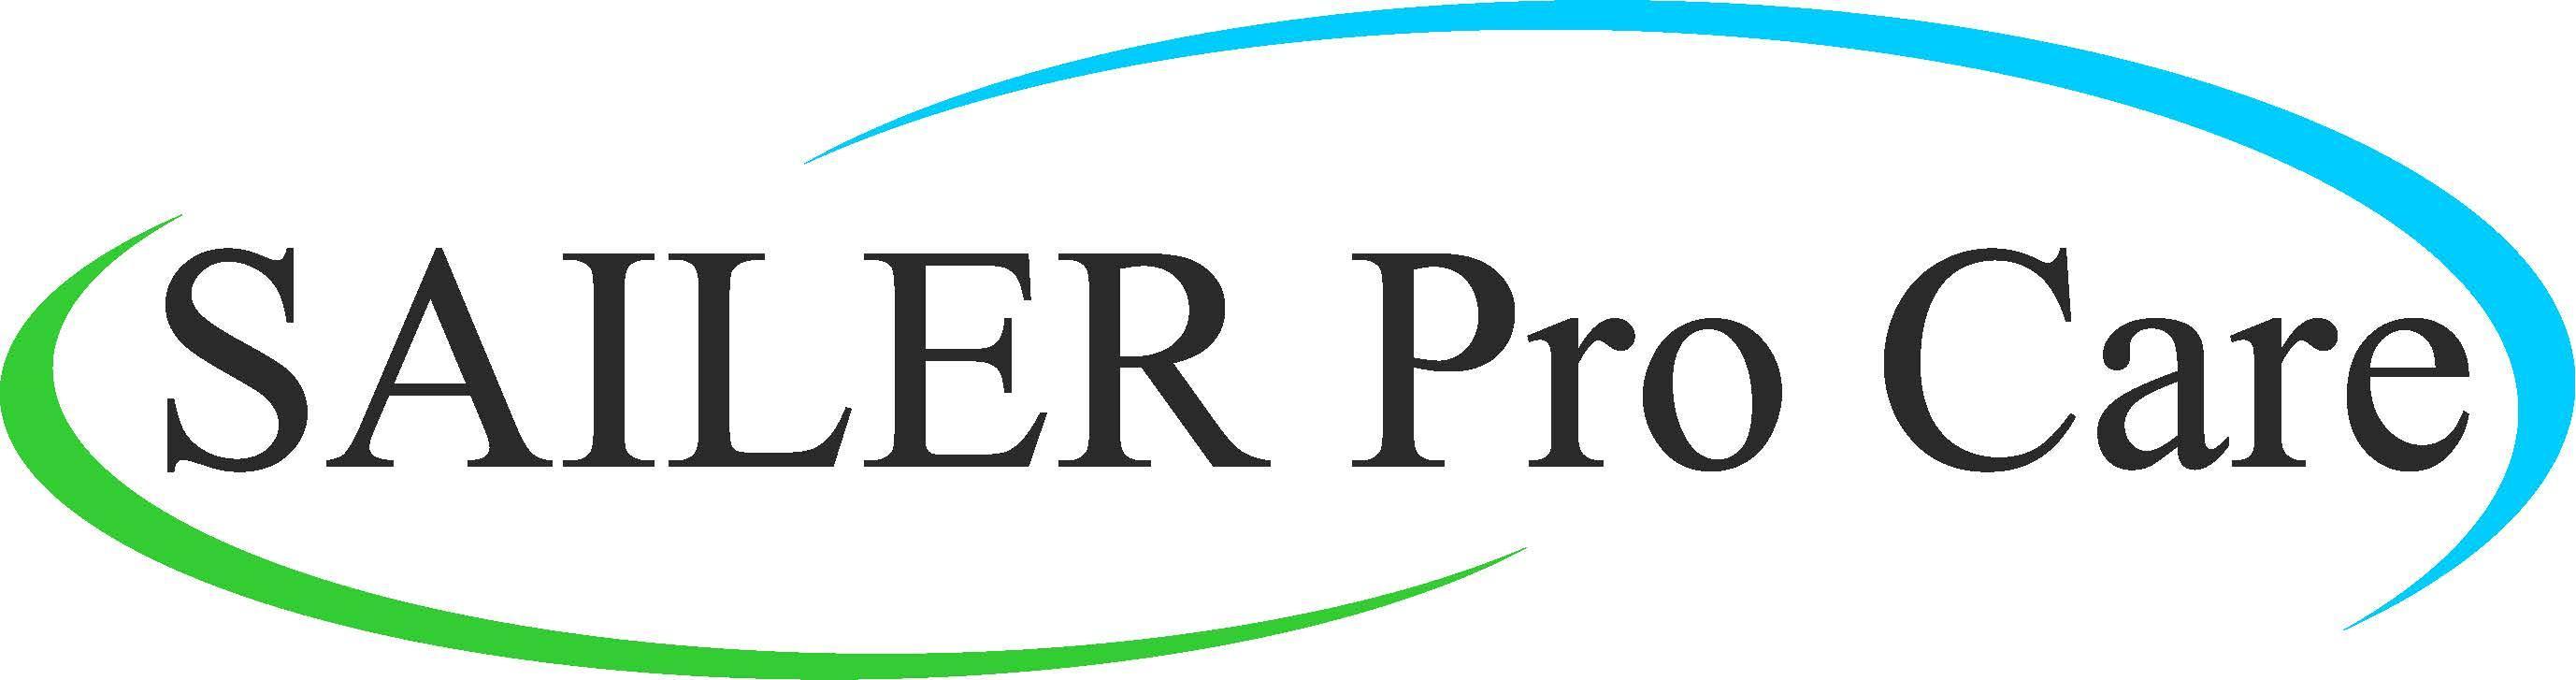 sailer Pro Care